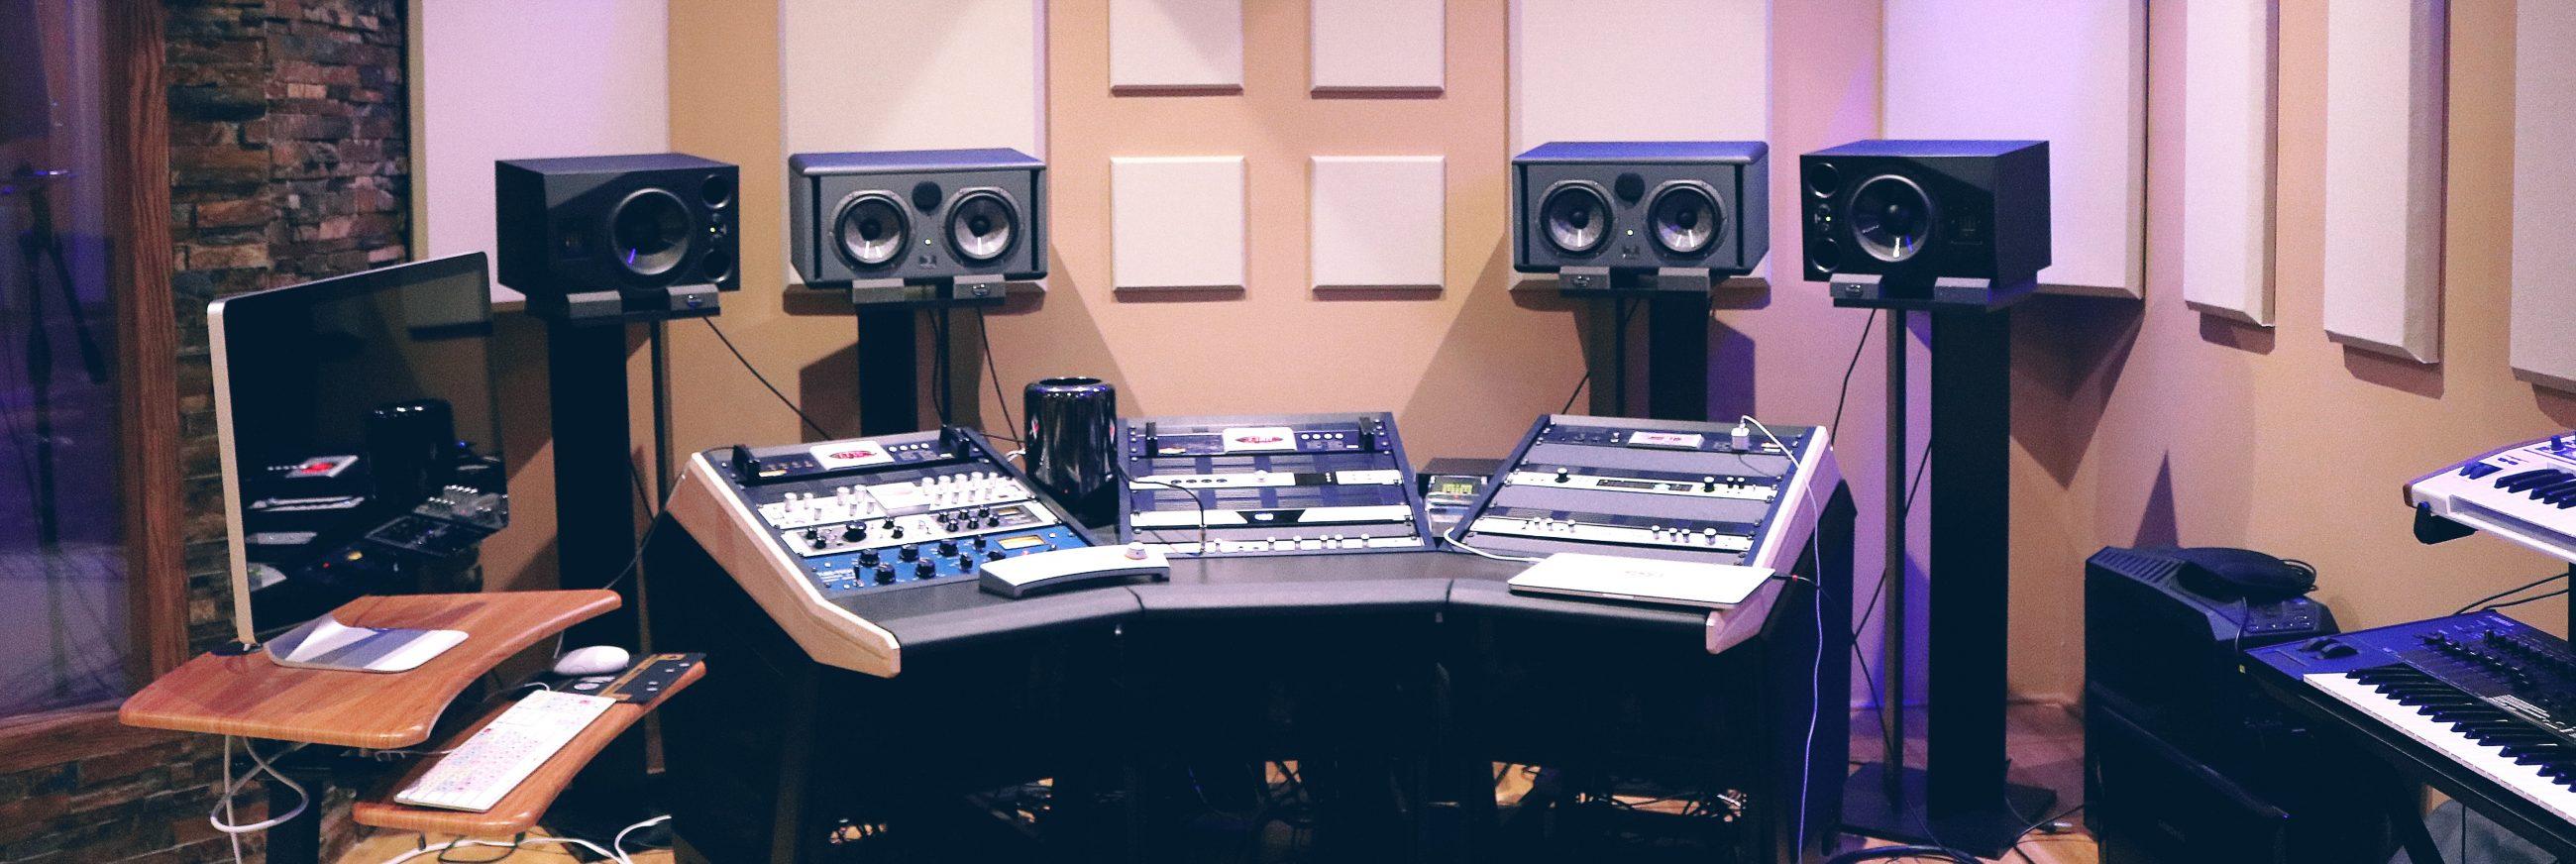 De la musique à l'image - compositeur de musique de films, documentaires & jeux vidéos